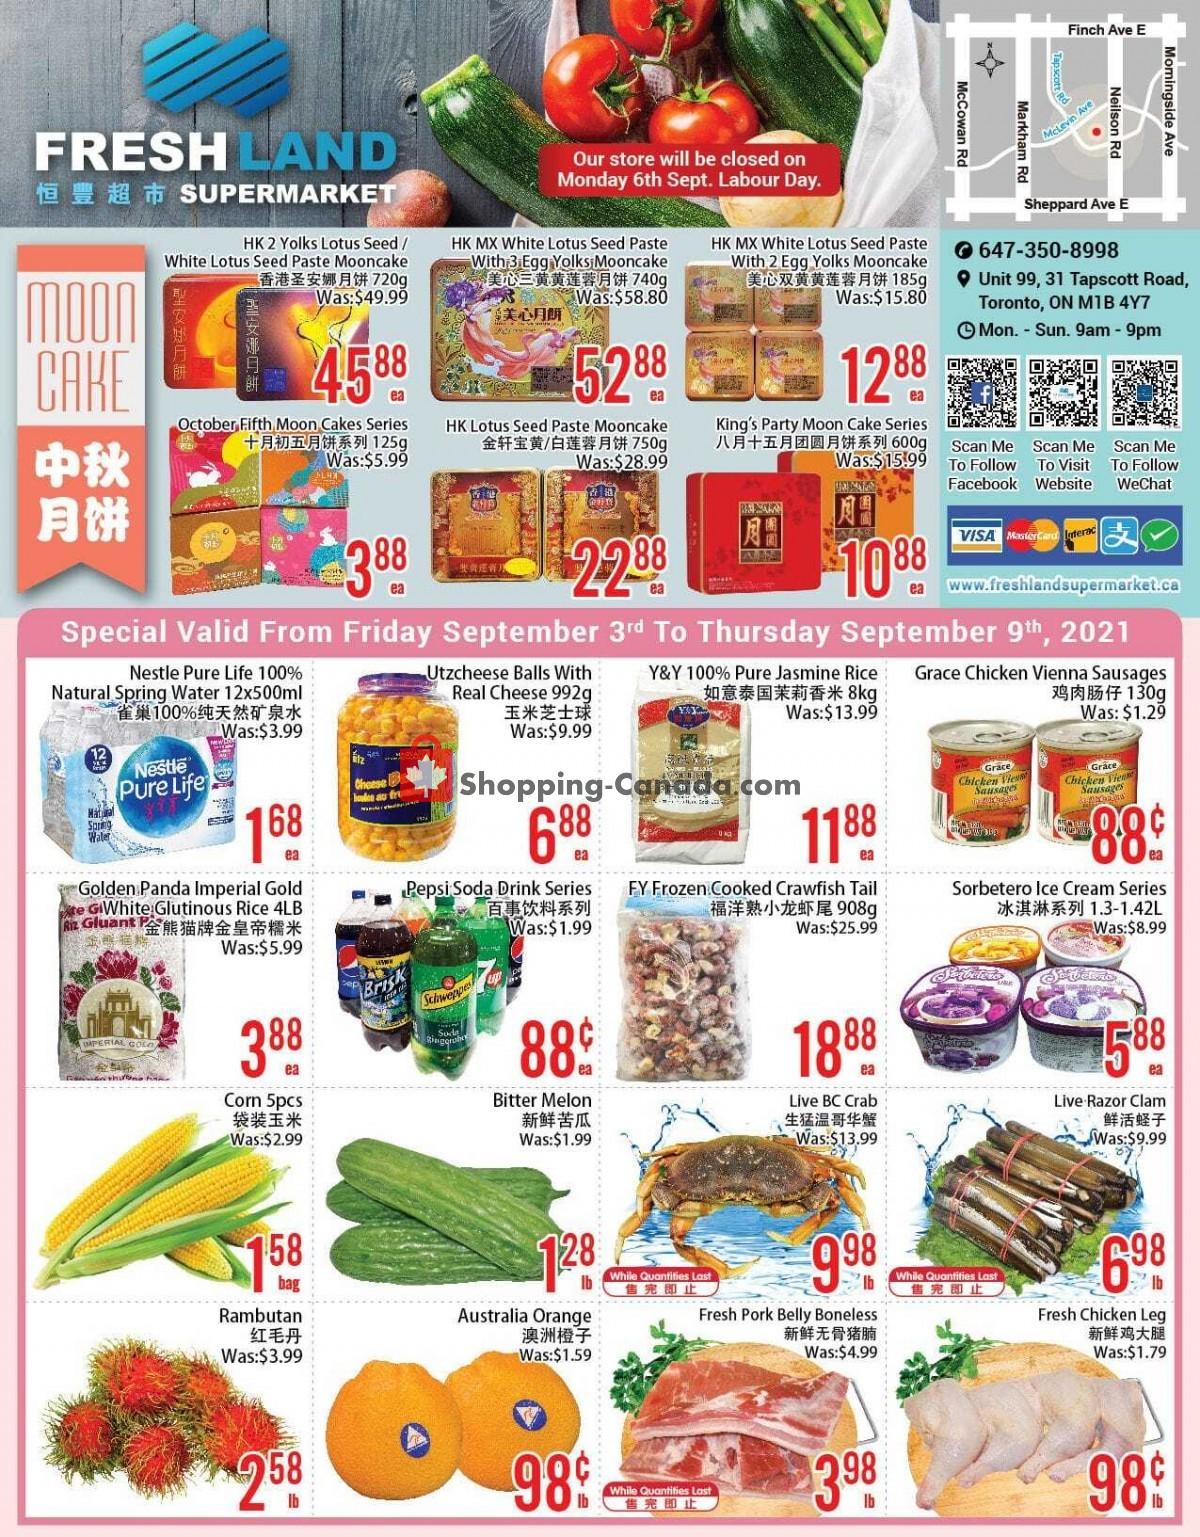 Flyer FreshLand Supermarket Canada - from Friday September 3, 2021 to Thursday September 9, 2021